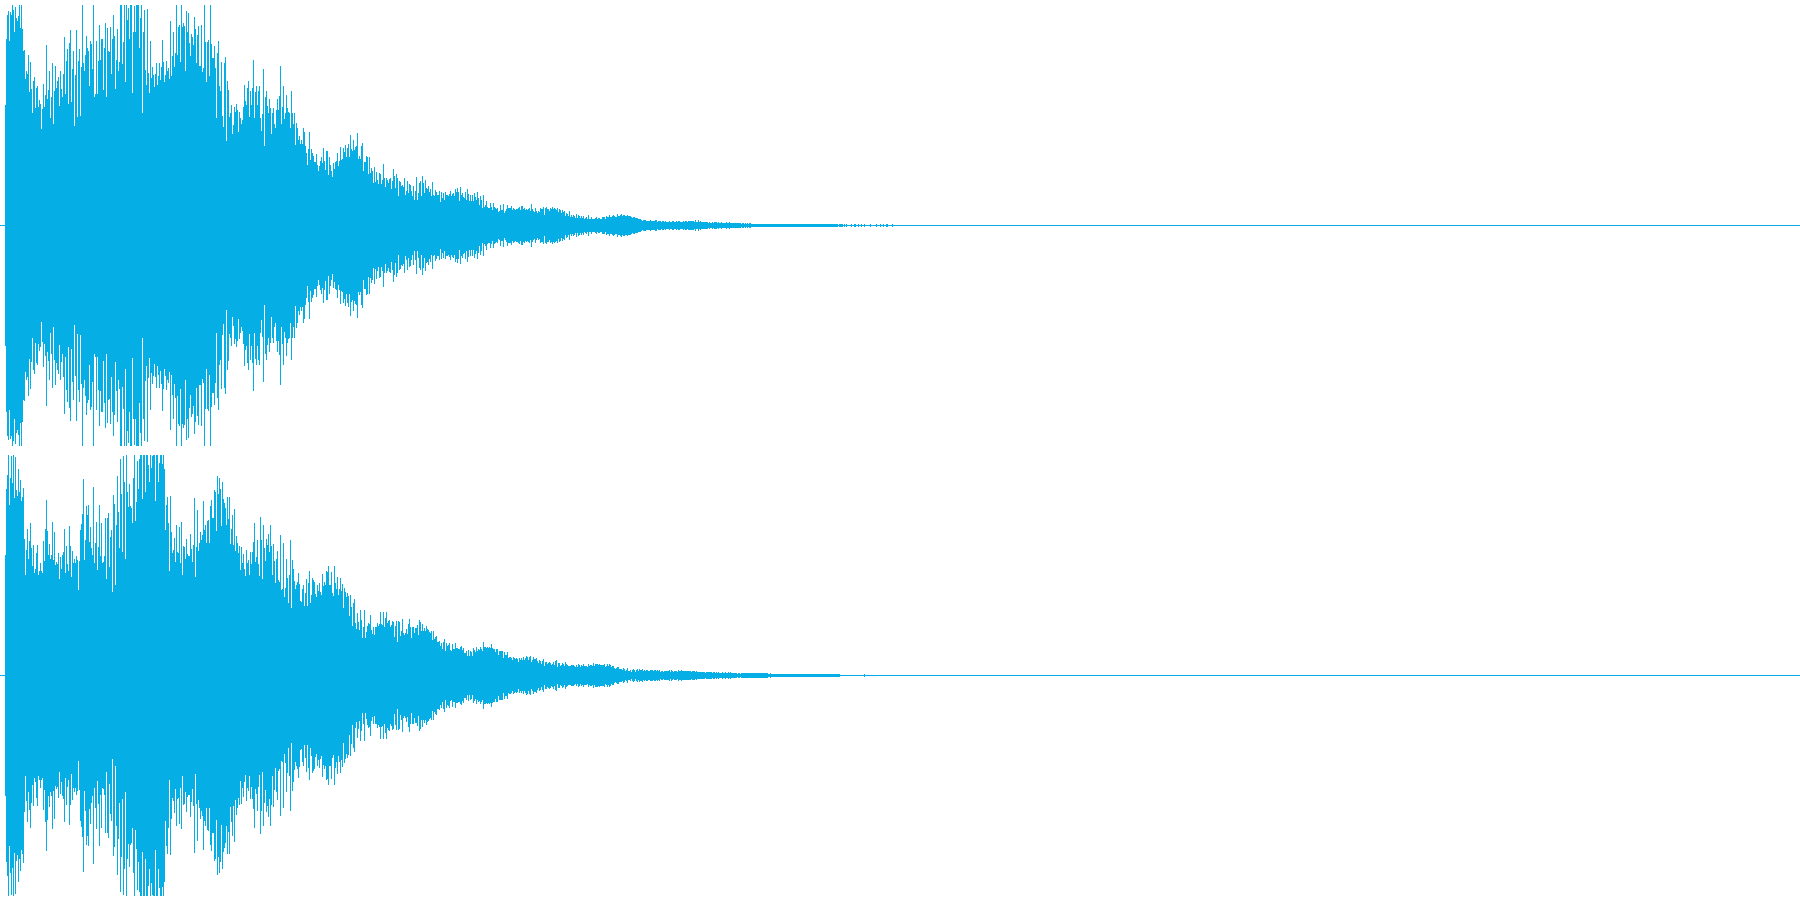 「お知らせ音」インフォメーション/告知の再生済みの波形